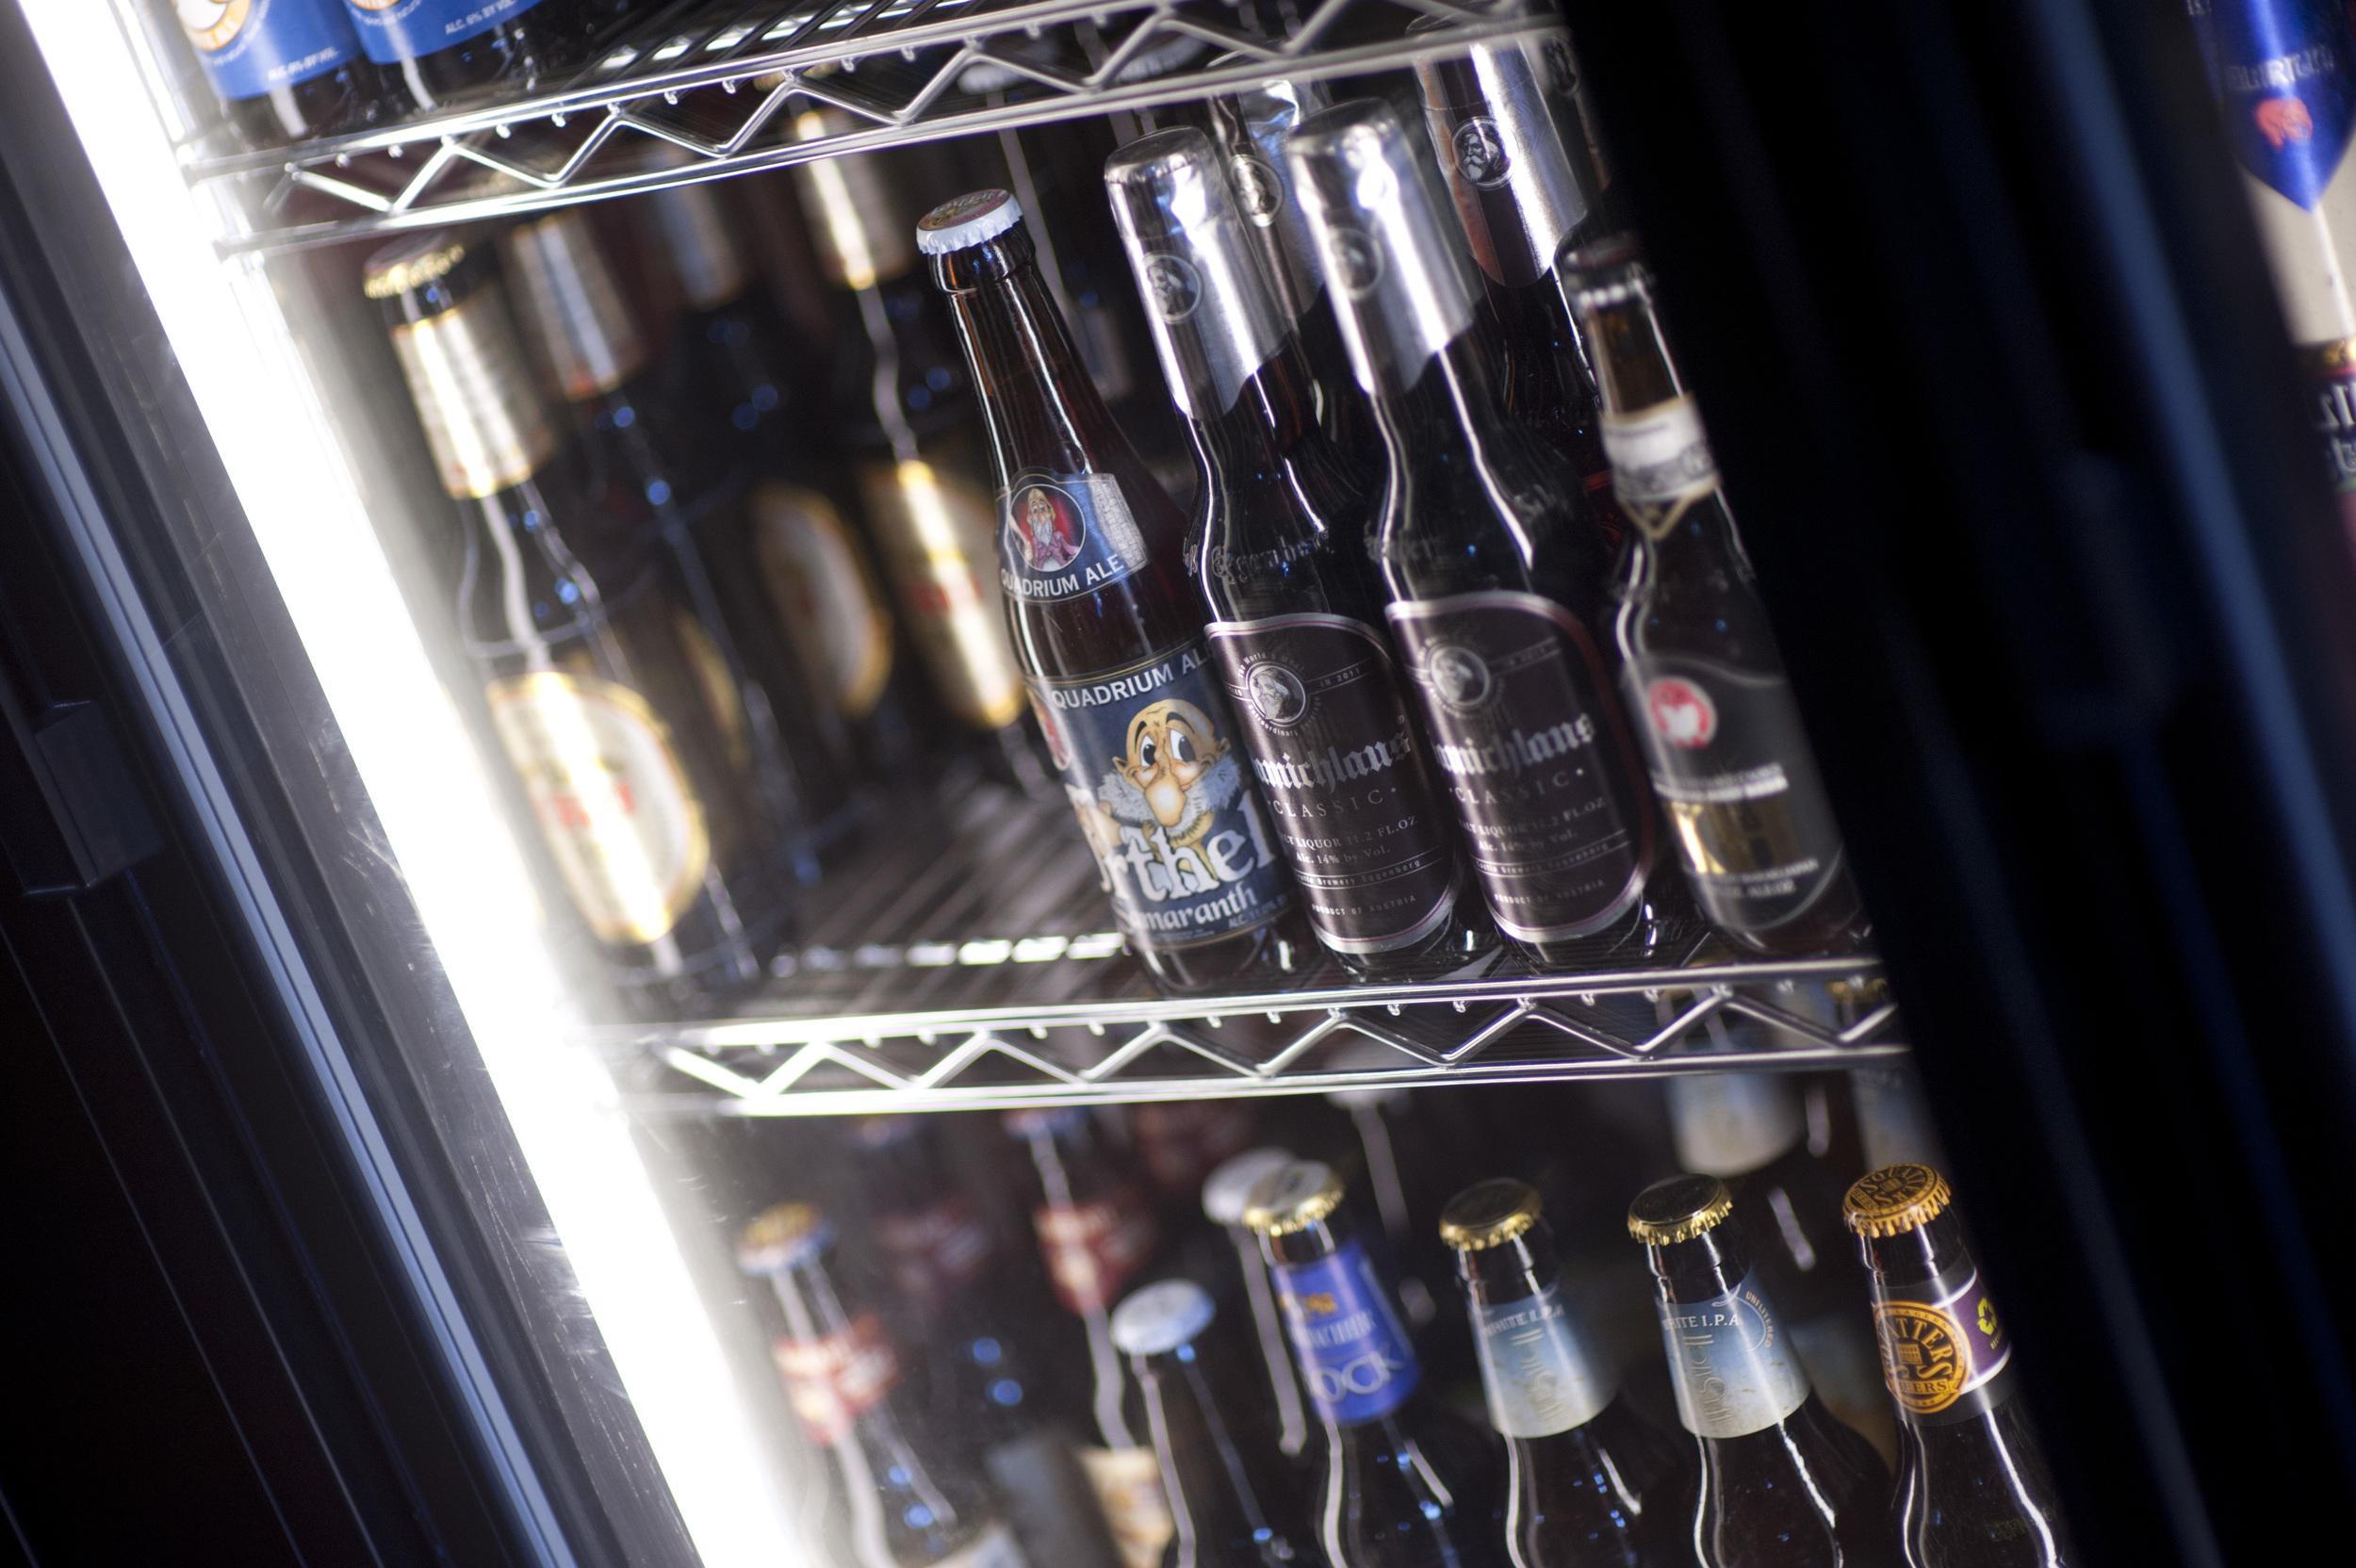 beer cooler.jpg